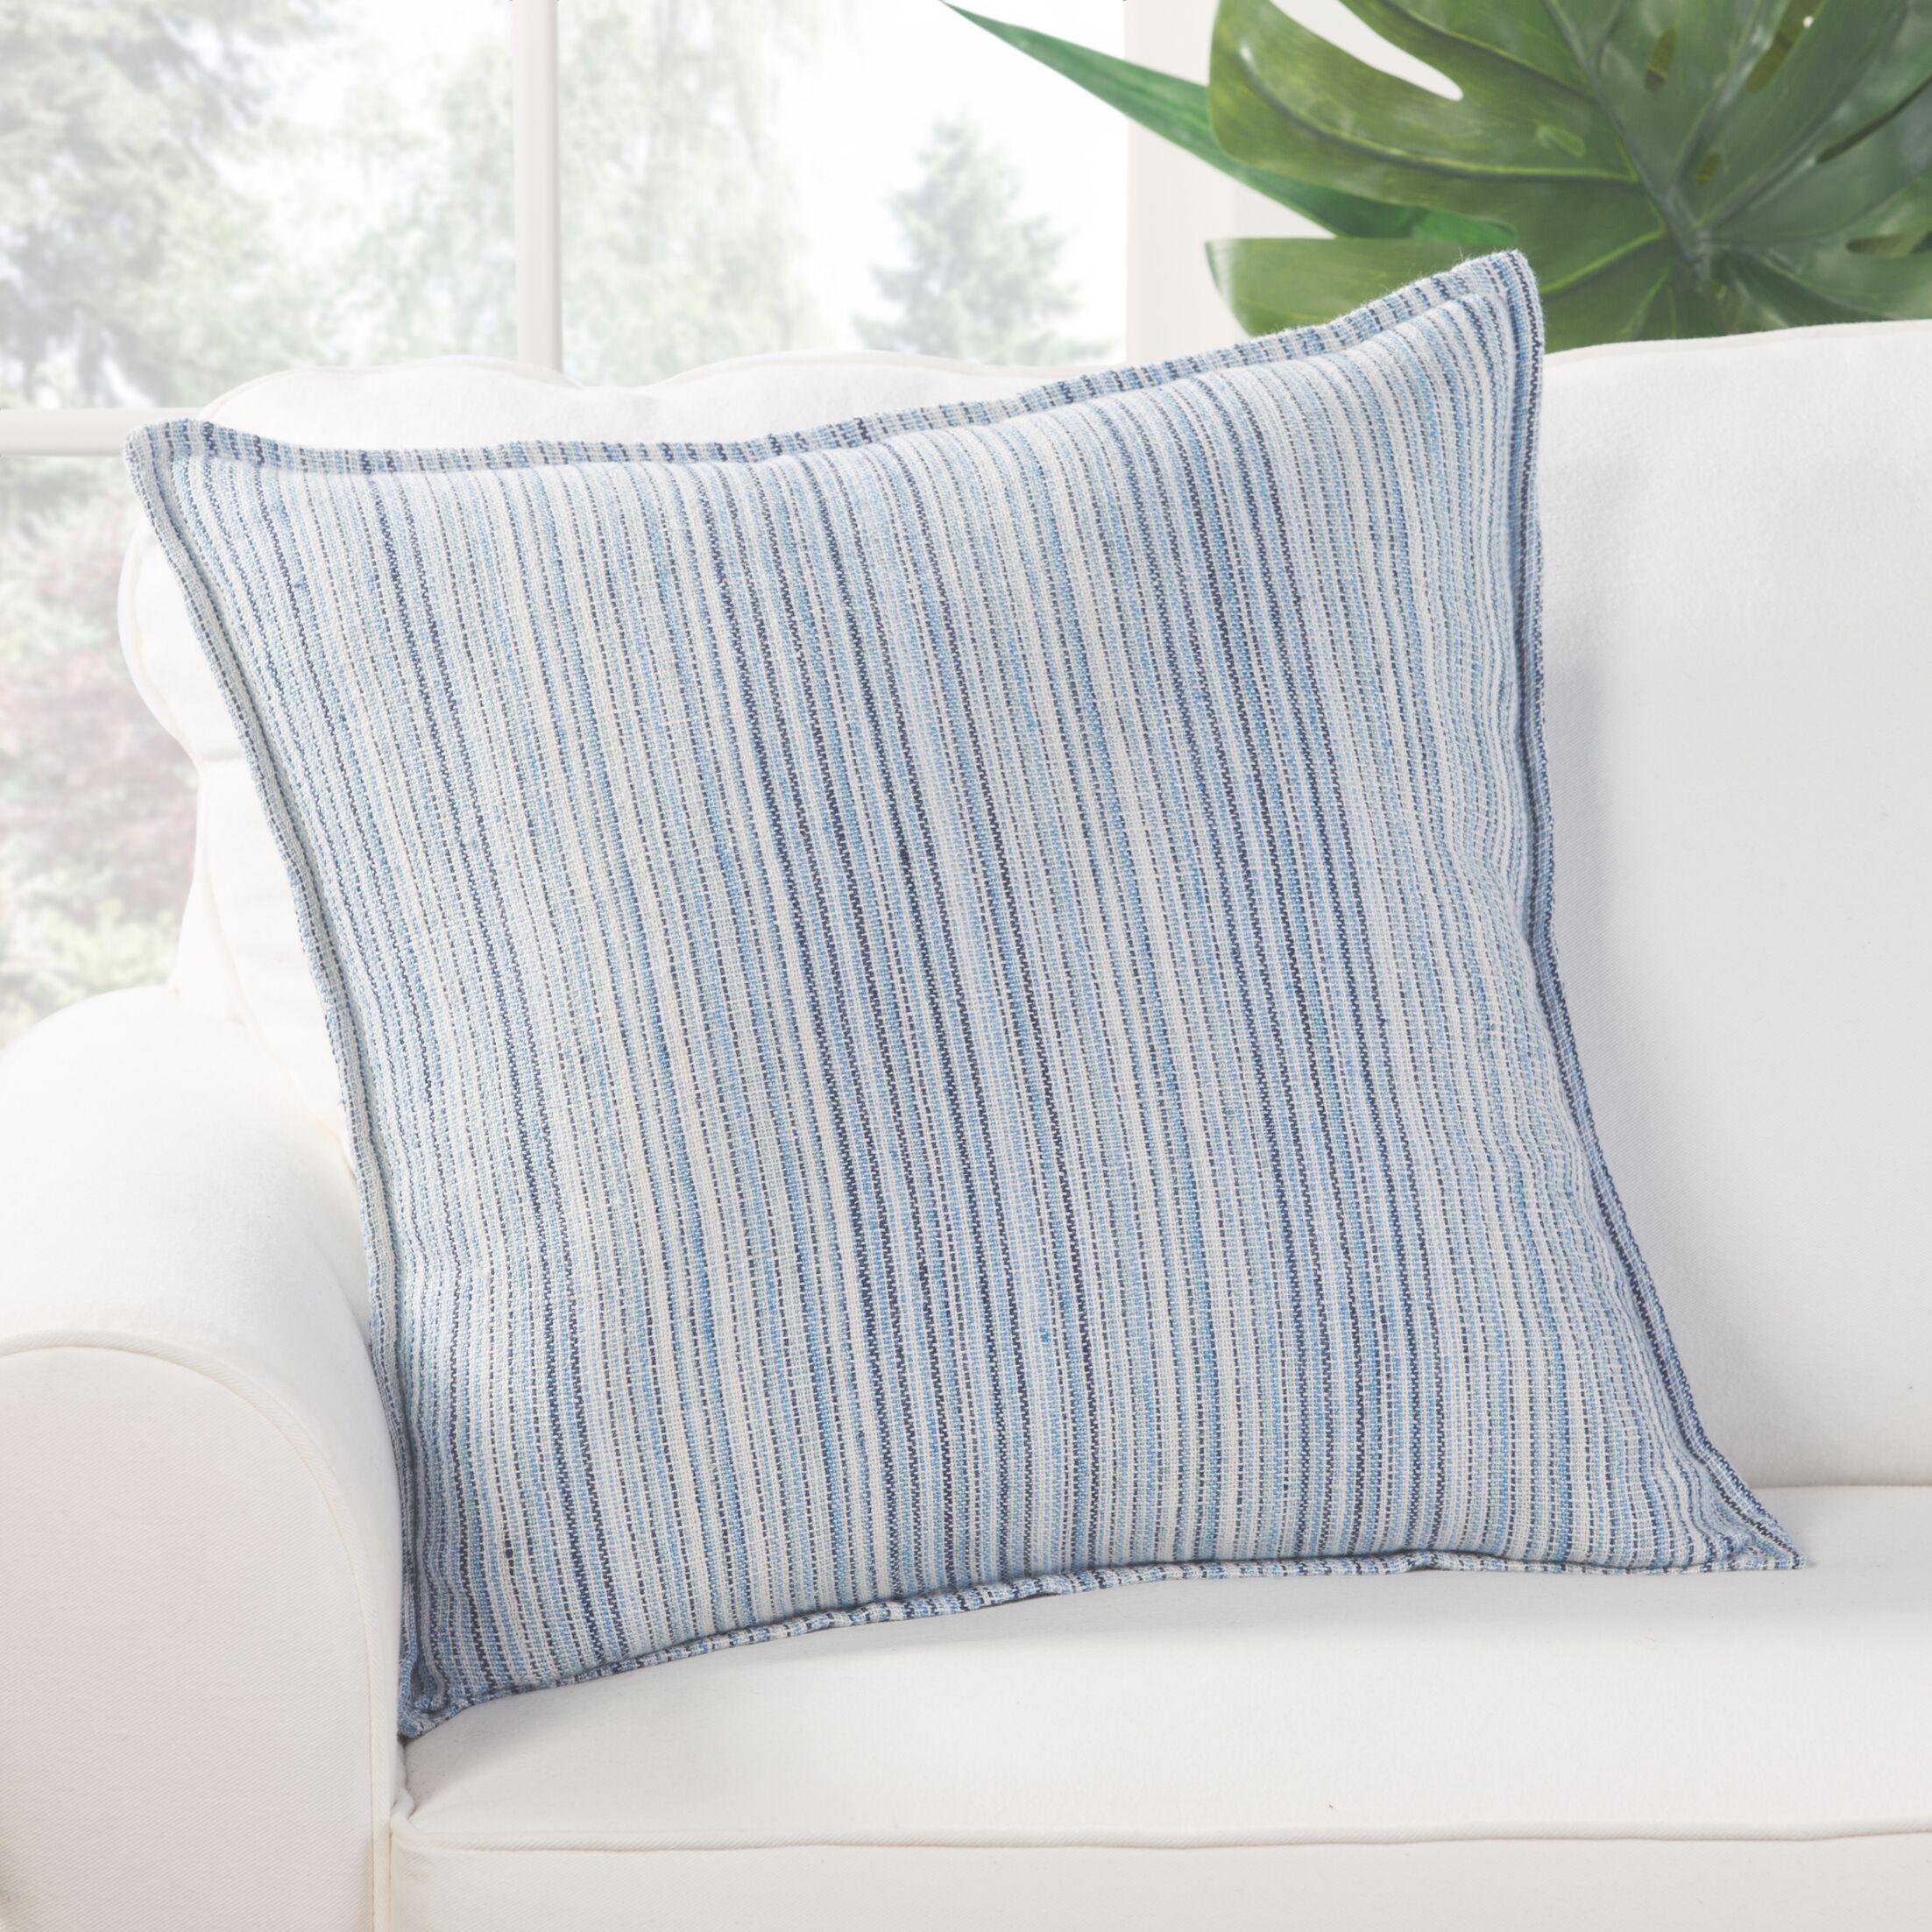 Wolcott Linen Throw Pillow Fill Material: Down